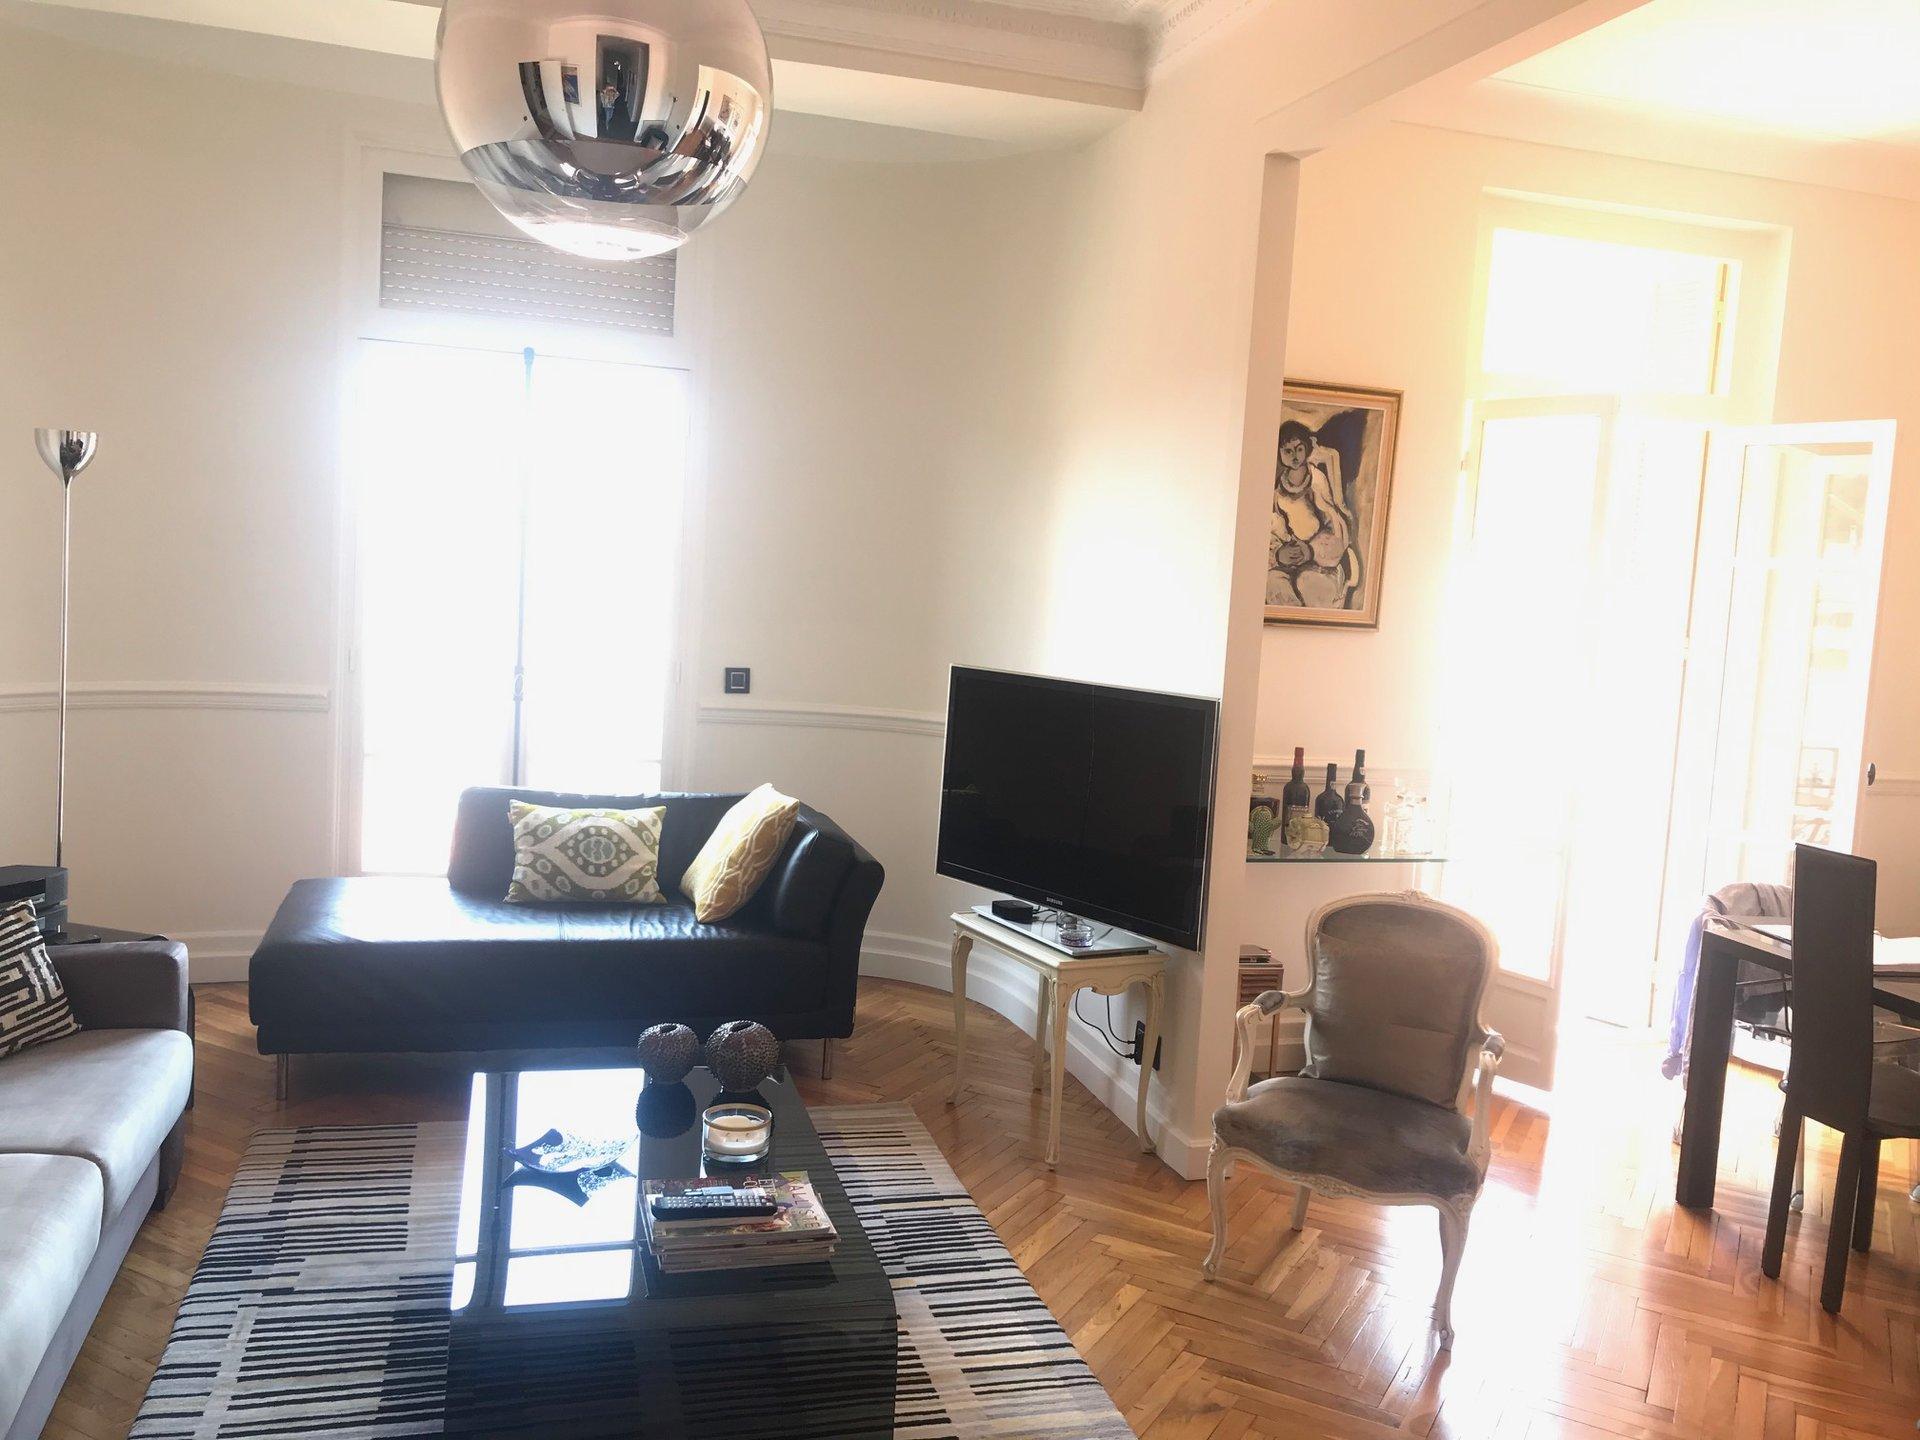 Centre Menton- Très bel appartement Bourgeois de 4 pièces  105m²- En étage élevé- Exposition Ouest Vue dégagée sans vis-à-vis-